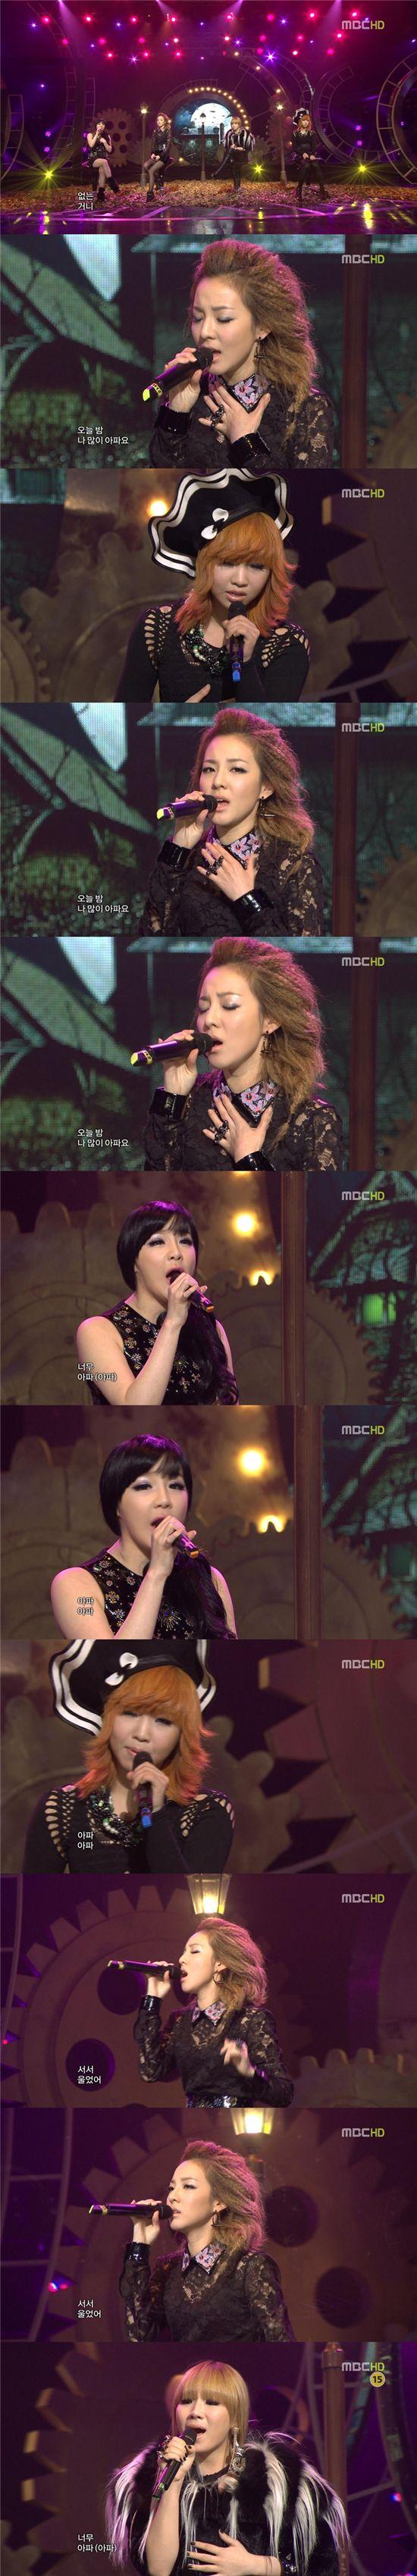 '음중' 2NE1, 'R&B 여신 완벽변신'··호흡척척 '환상하모니'